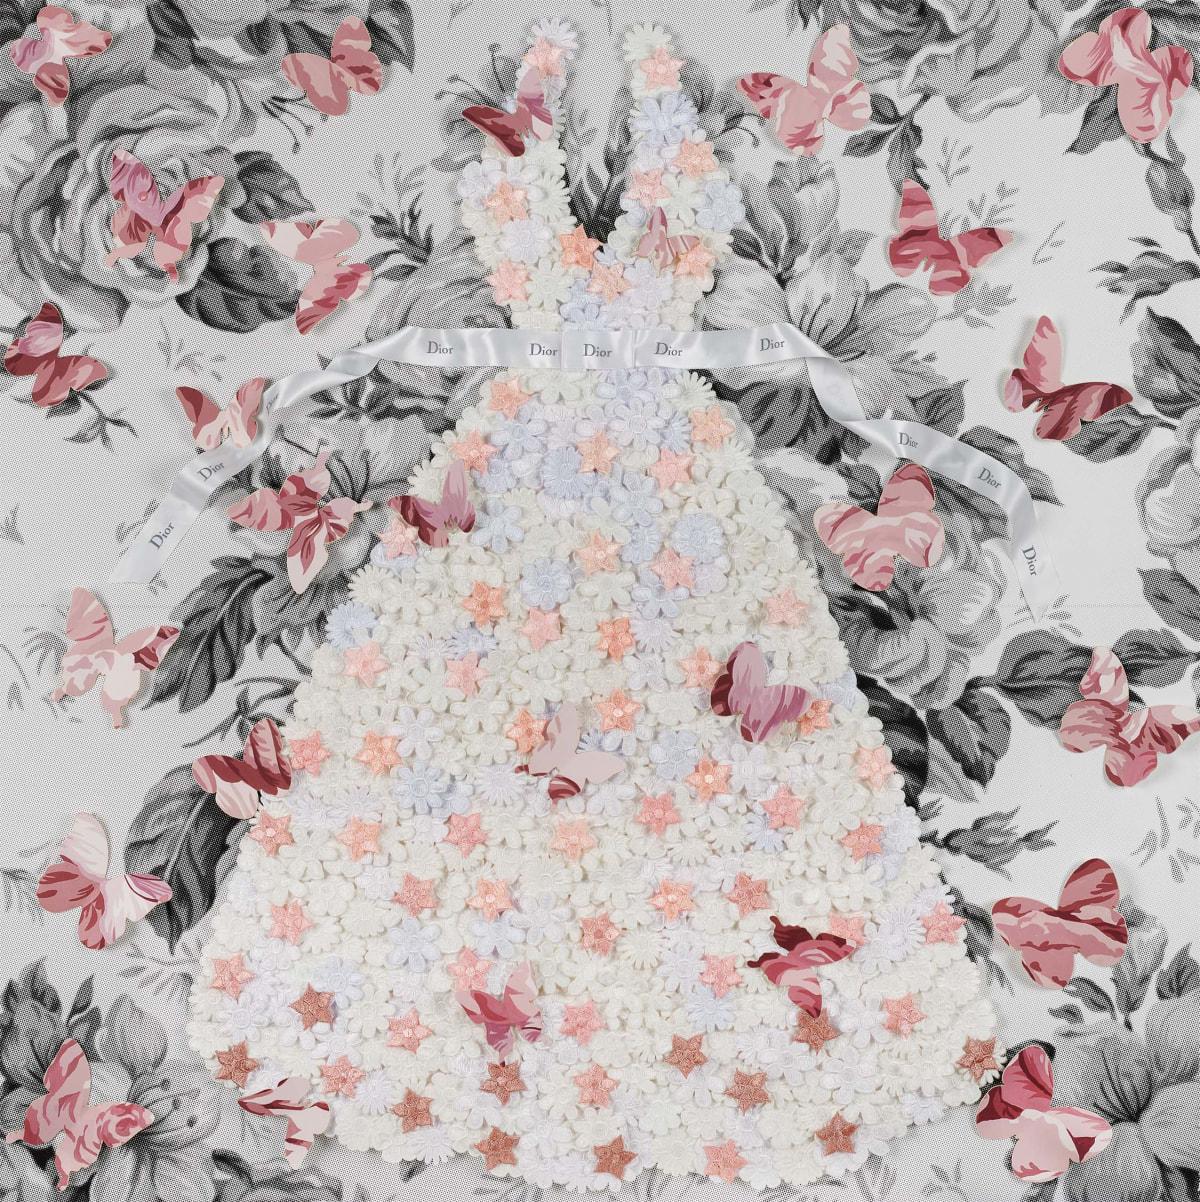 Stephen Wilson, Blushing Butterflies , 2019